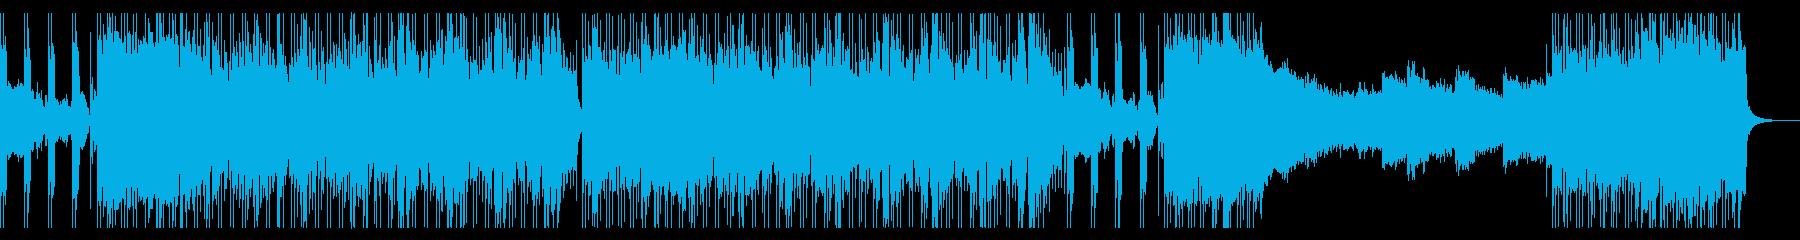 尺八と三味線!重厚感ある和風ロックの再生済みの波形